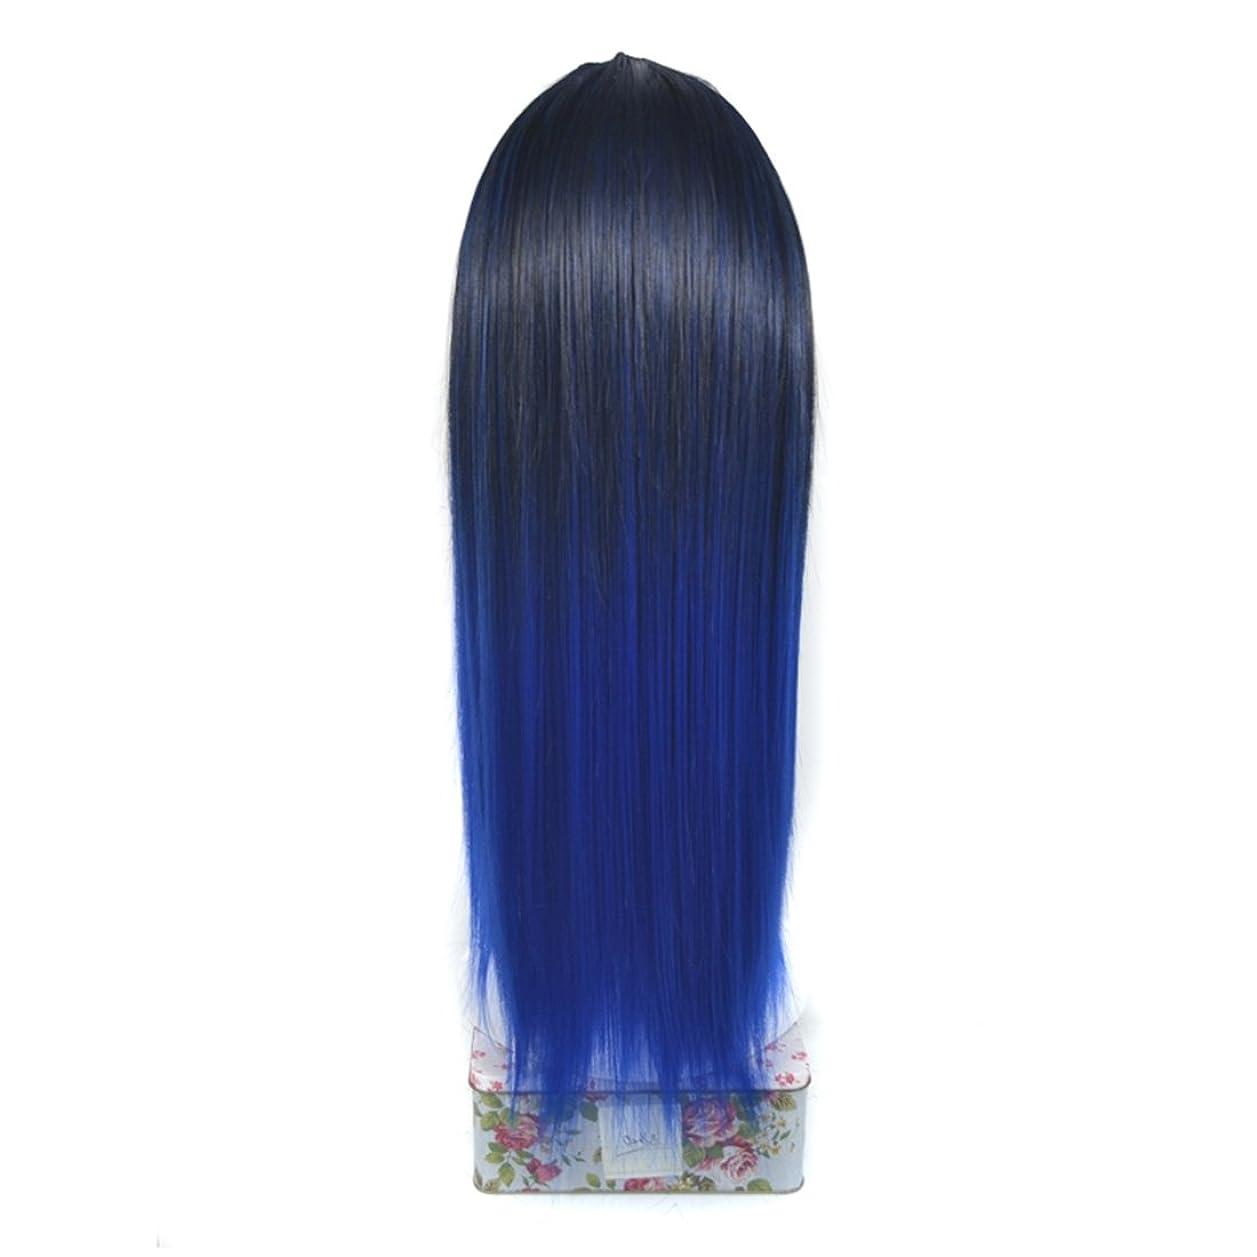 運営遮る大陸JIANFU ノンマーキング 化学繊維 ヘア エクステンション U字型 ハーフ ヘッドヘア ピース リアル 長い ストレート ウィッグ カバー (Color : Black gradient sapphire blue)